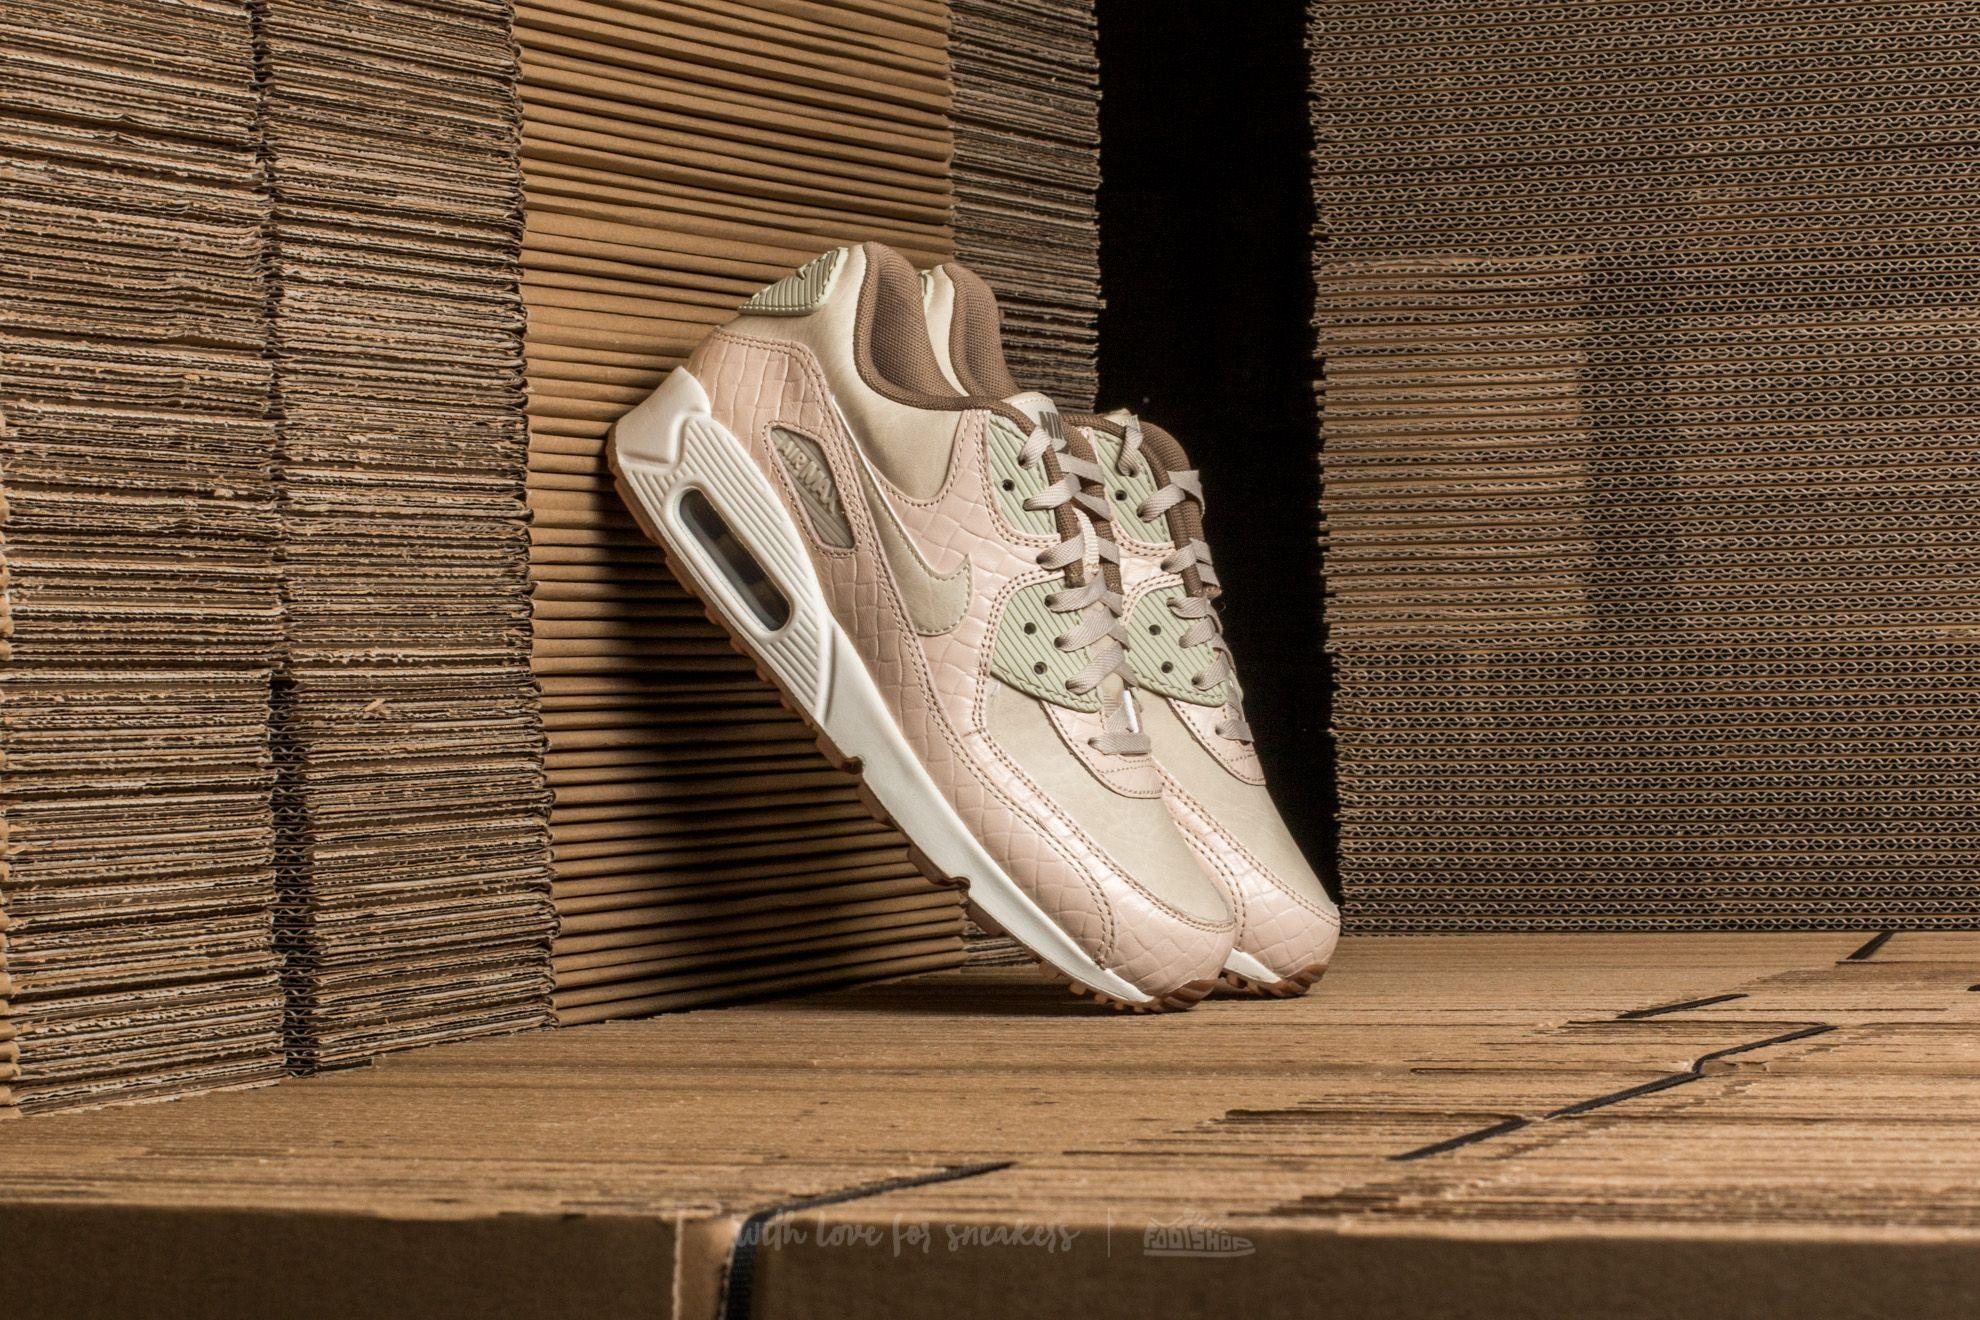 Nike Wmns Air Max 90 Premium Oatmeal/ Oatmeal-Sail-Khaki